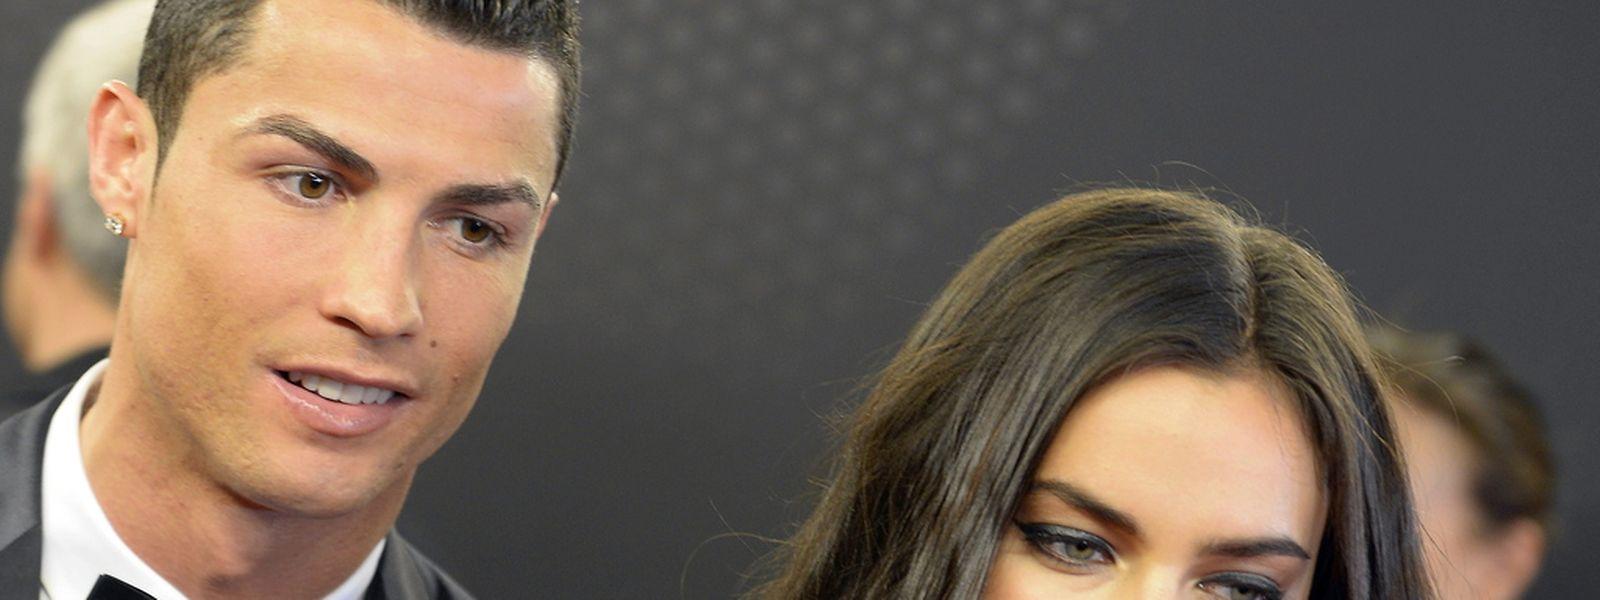 Irina Shayk acompanhou Cristiano Ronaldo na Gala